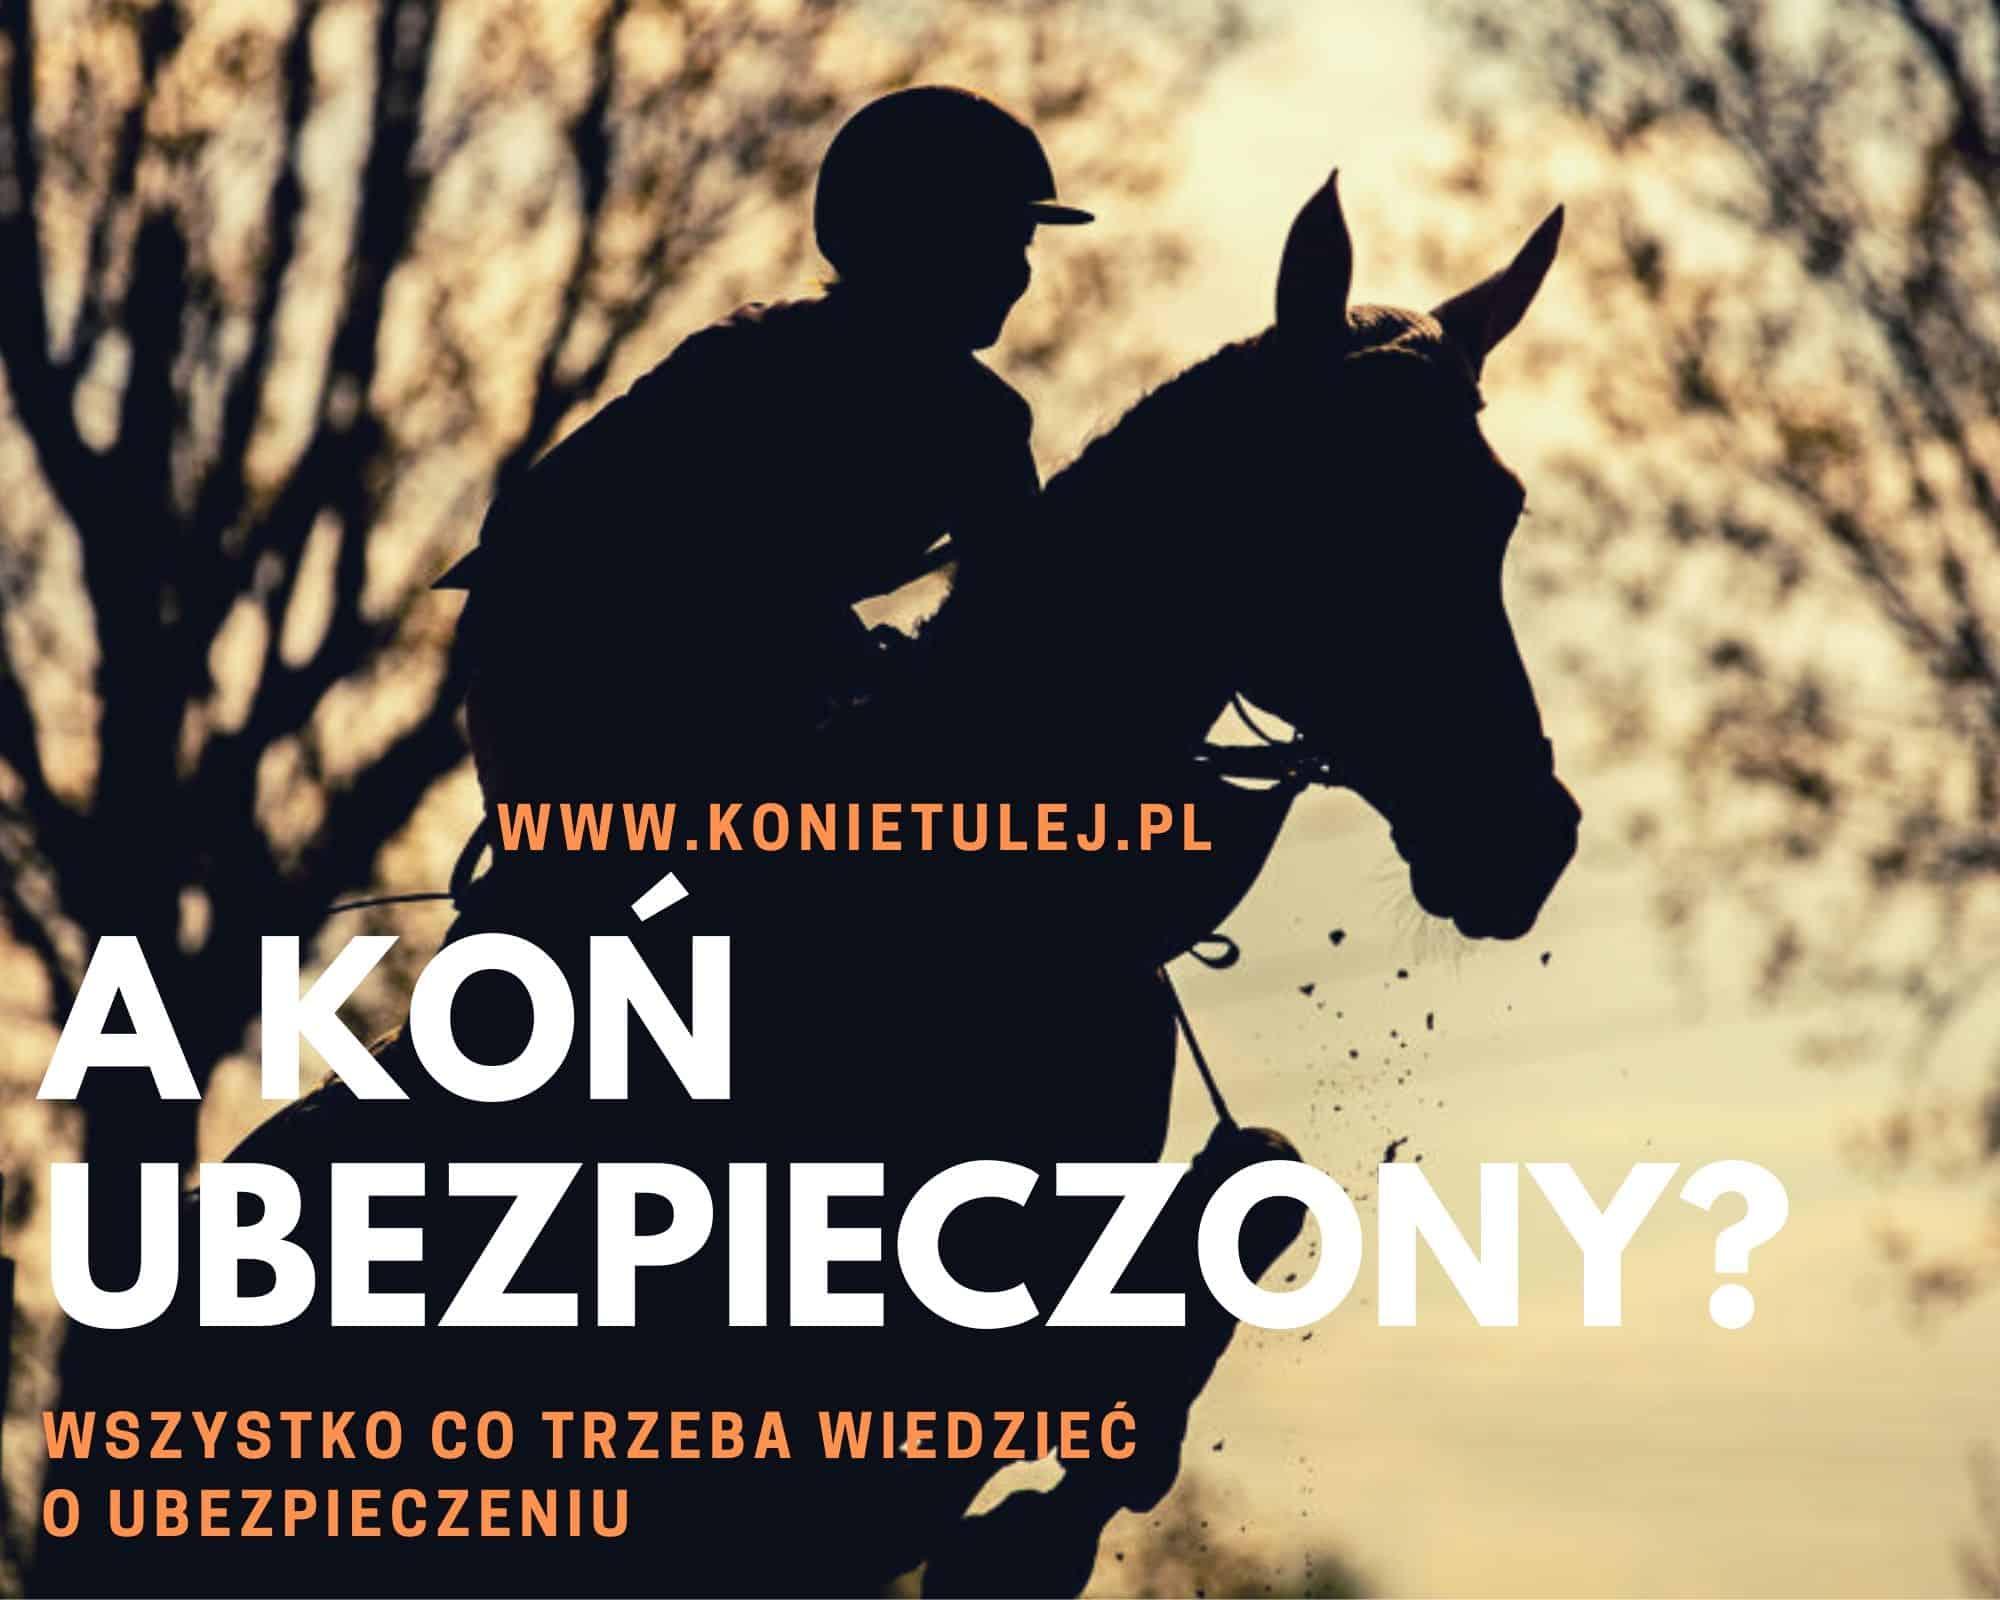 Ubezpieczenie konia sportowego. Czy warto ubezpieczać konia?